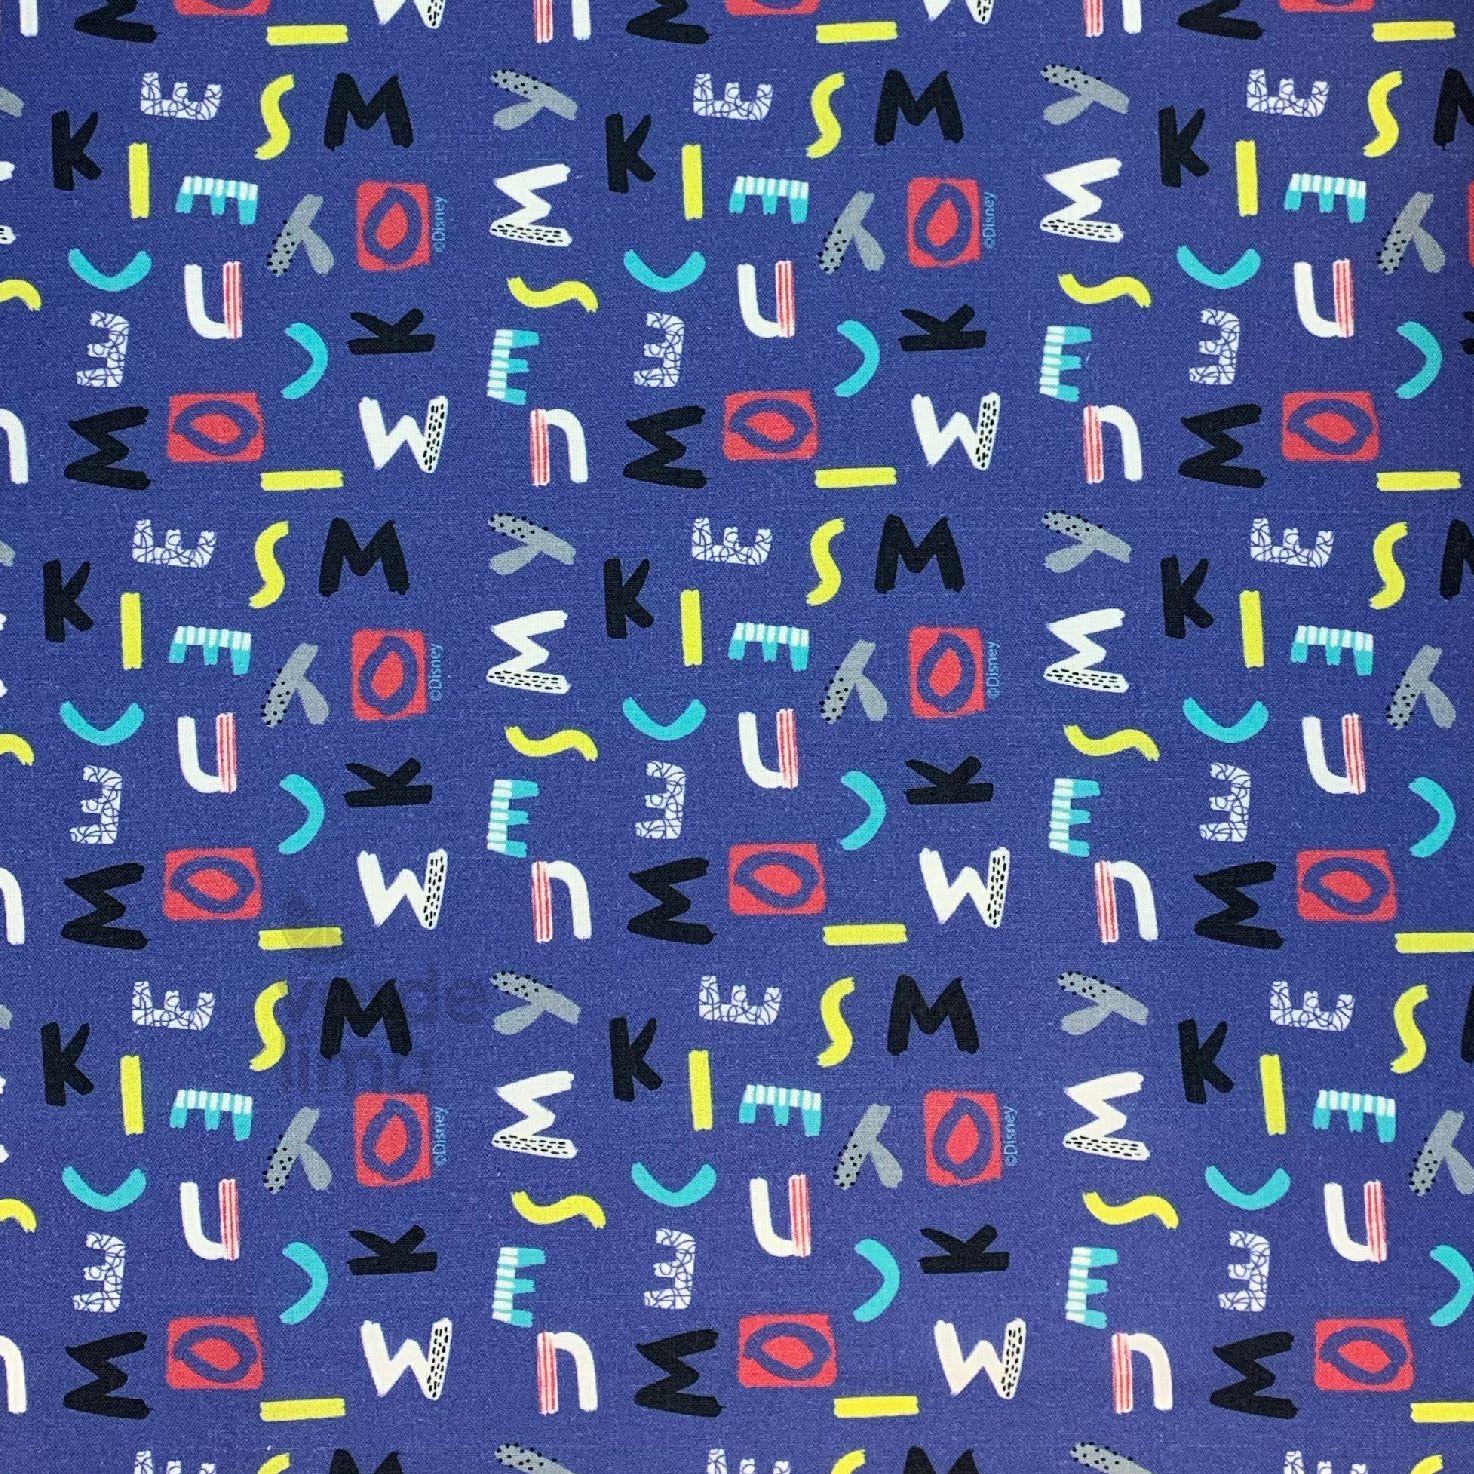 Mickey - Letras fundo azul